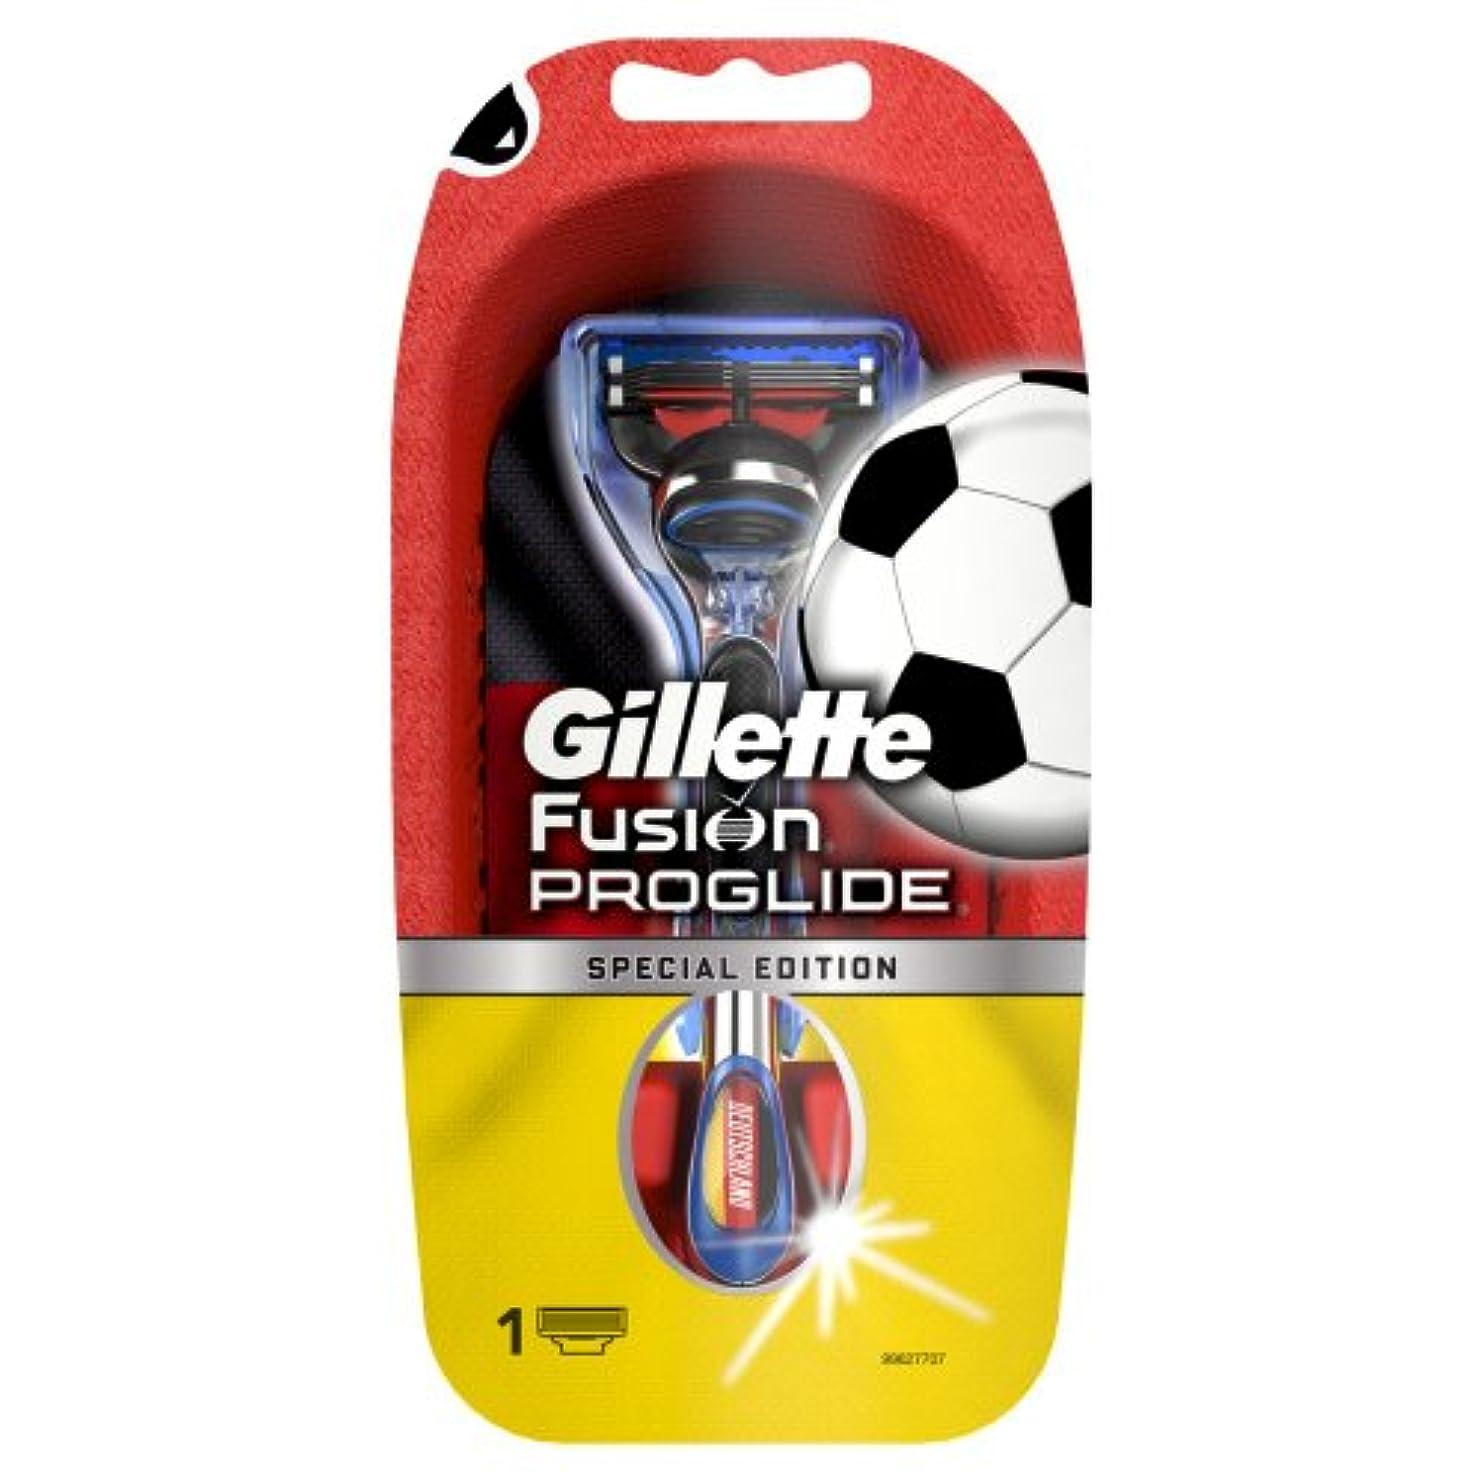 開示するスペル気球【数量限定品】 ジレット プログライド サッカードイツモデルホルダー